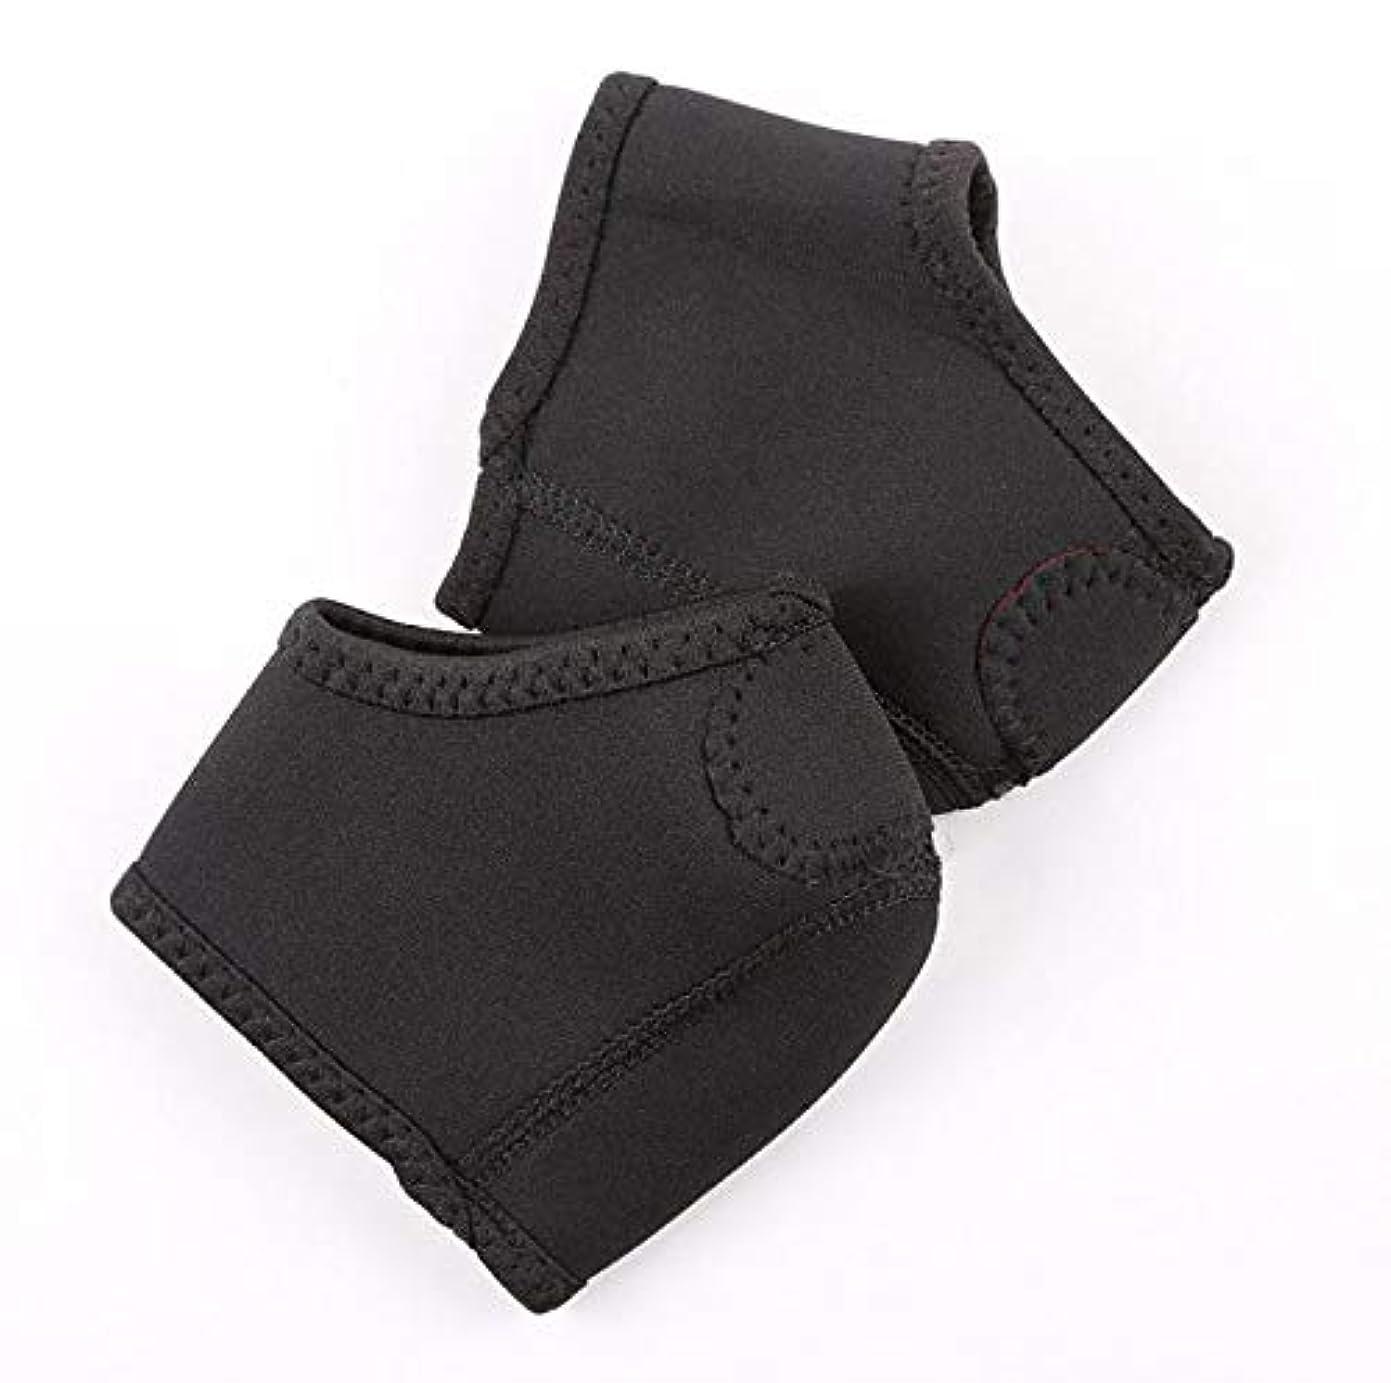 デュアル囲い欠陥かかとケア 靴下 サポーター角質ケア 保温 防寒フリーサイズ 男 女性適用【BELSUS正規品】